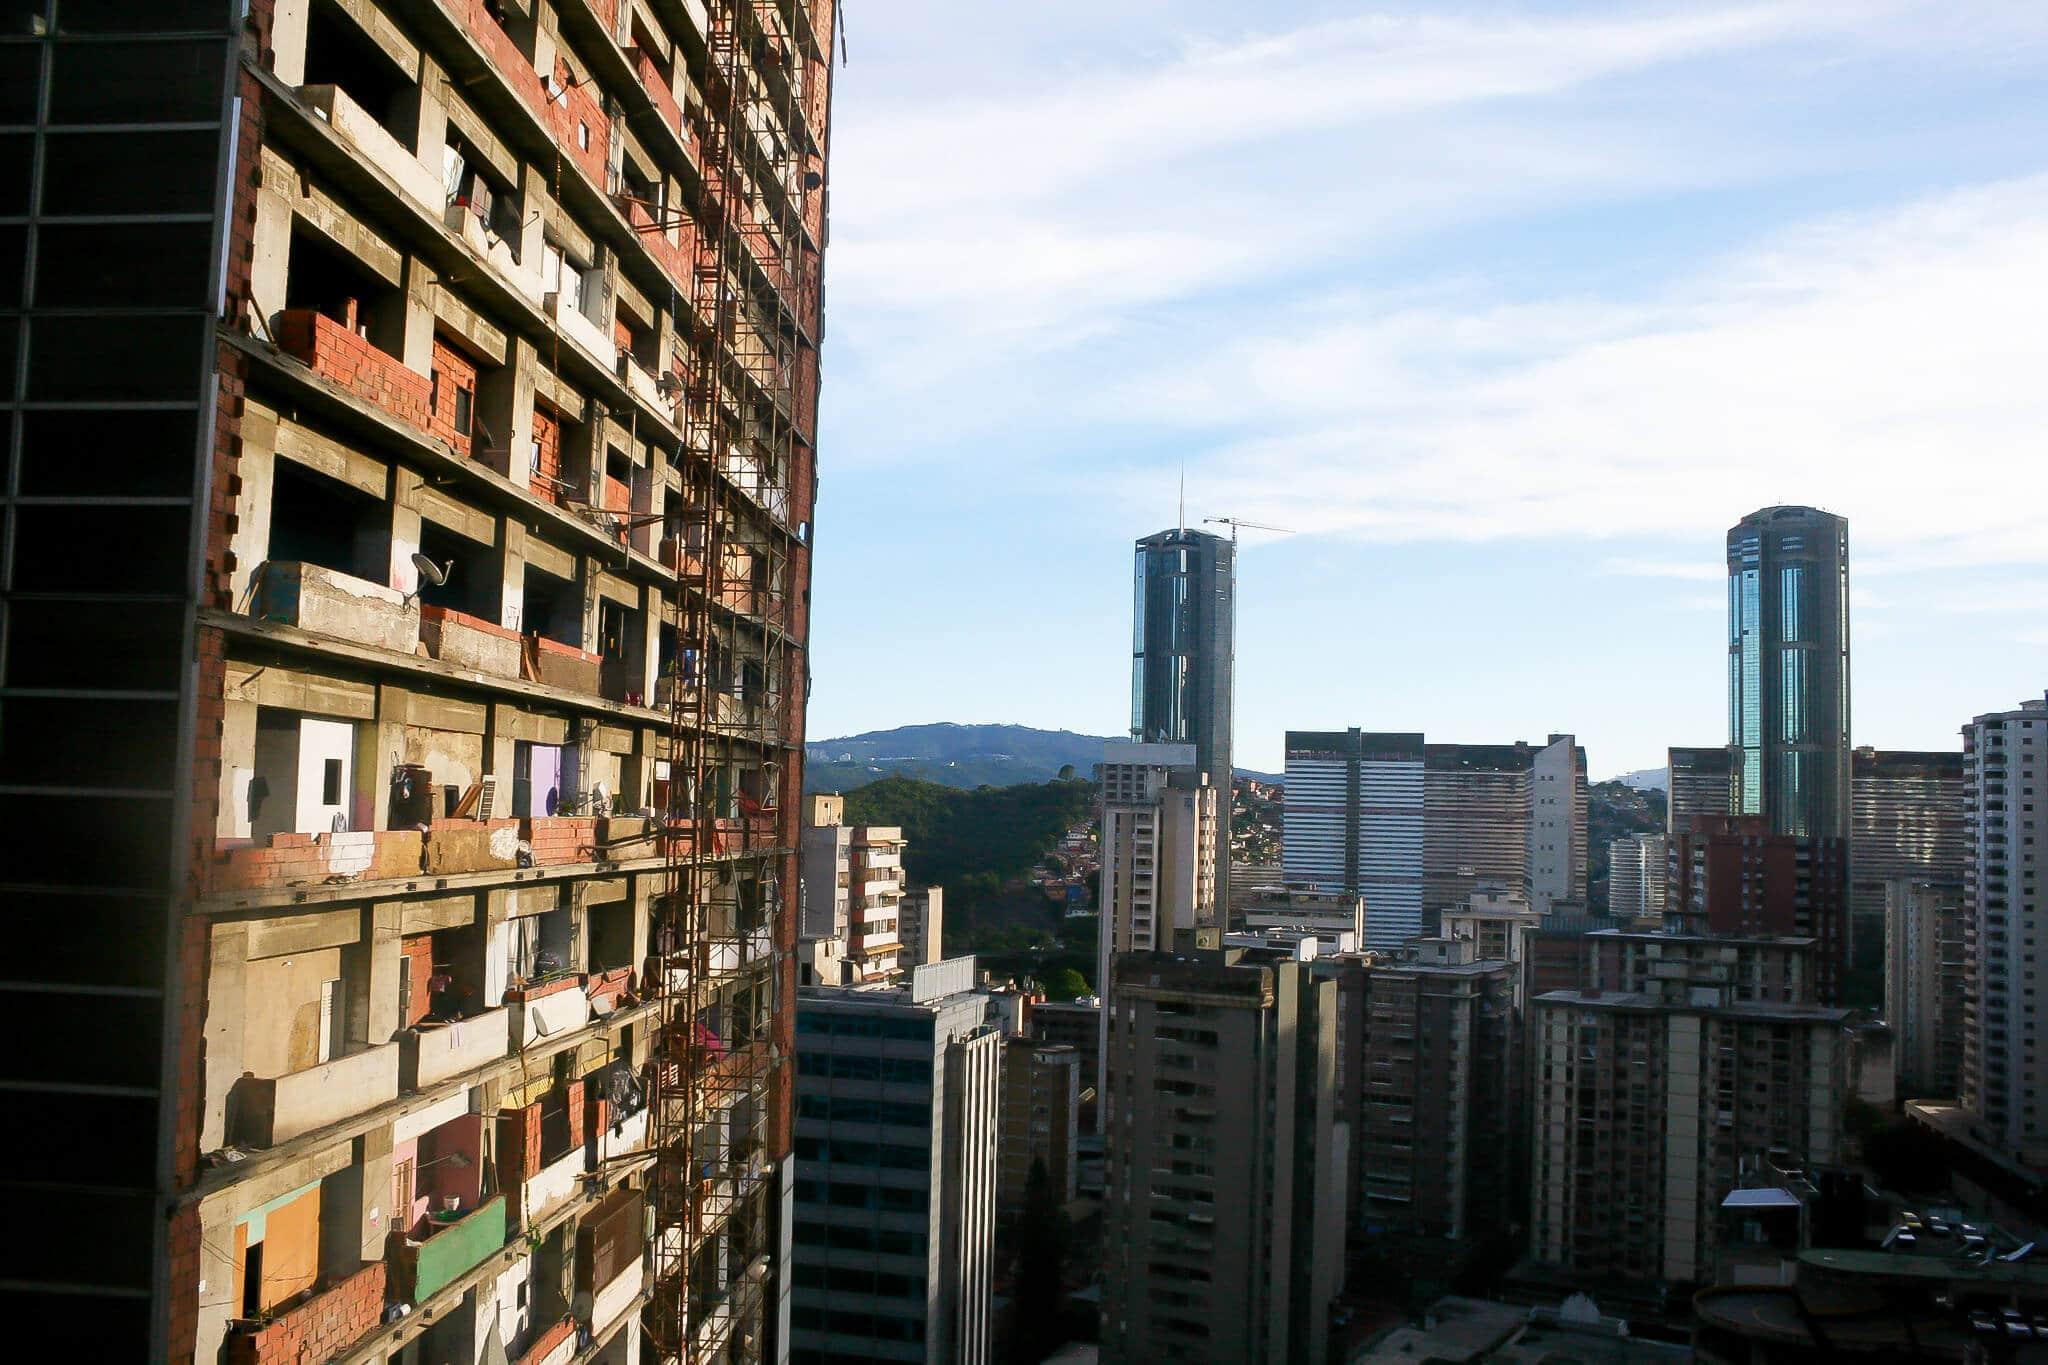 【世界のスラム街】その高さは190メートル!!超高層スラム「ダビデの塔」